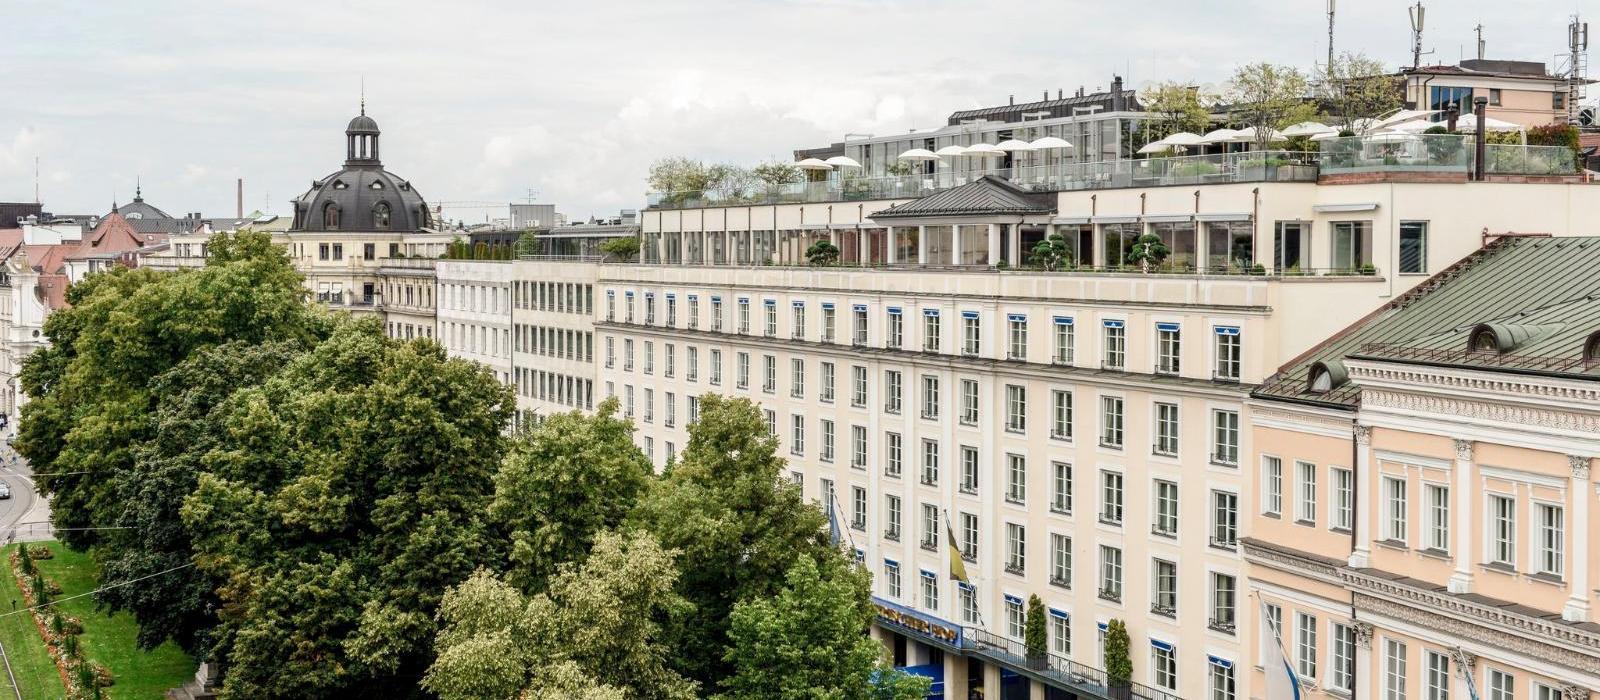 巴伐利亚宫廷酒店(Bayerischer Hof) 图片  www.lhw.cn